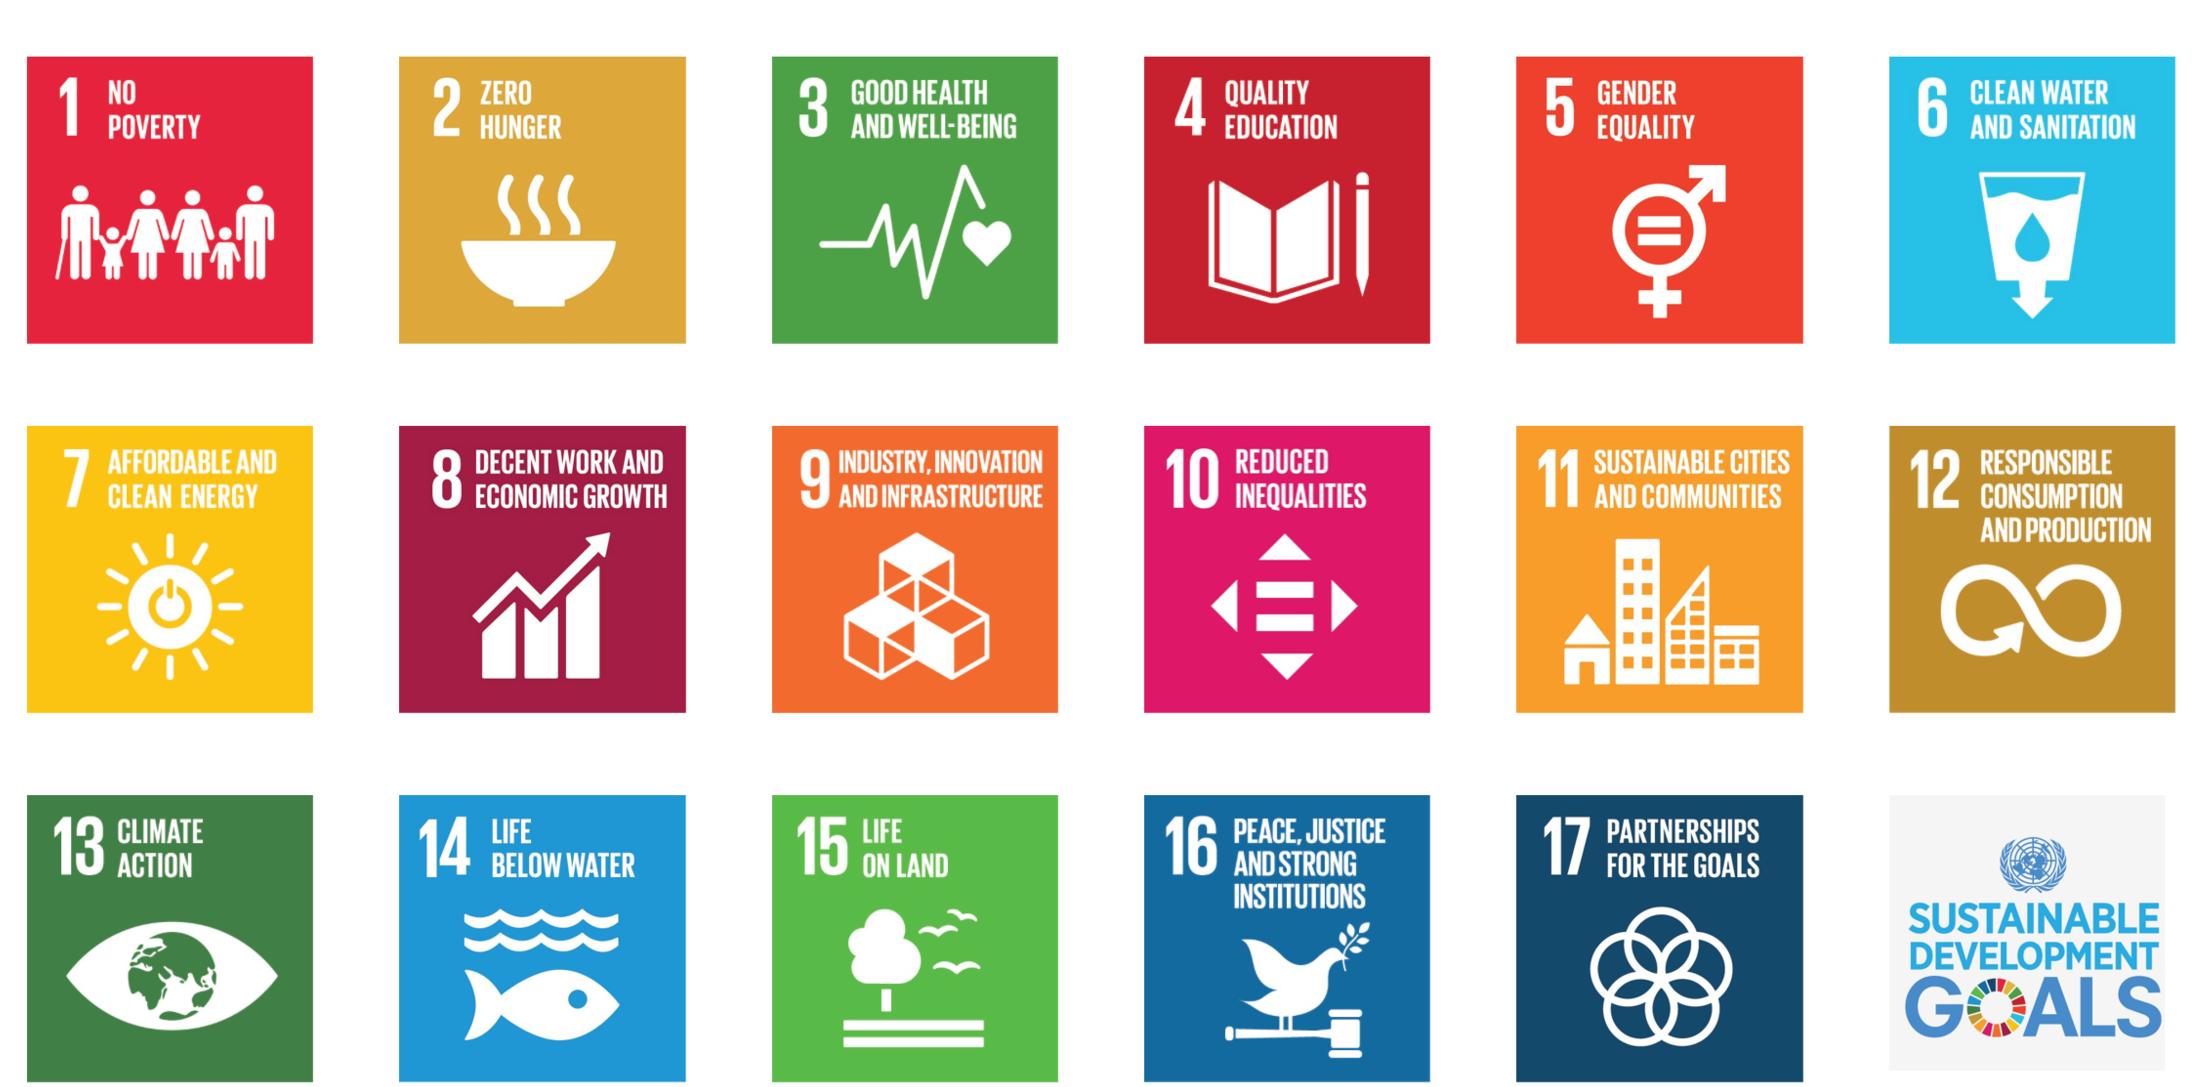 http://www.un.org/sustainabledevelopment/sustainable-development-goals/